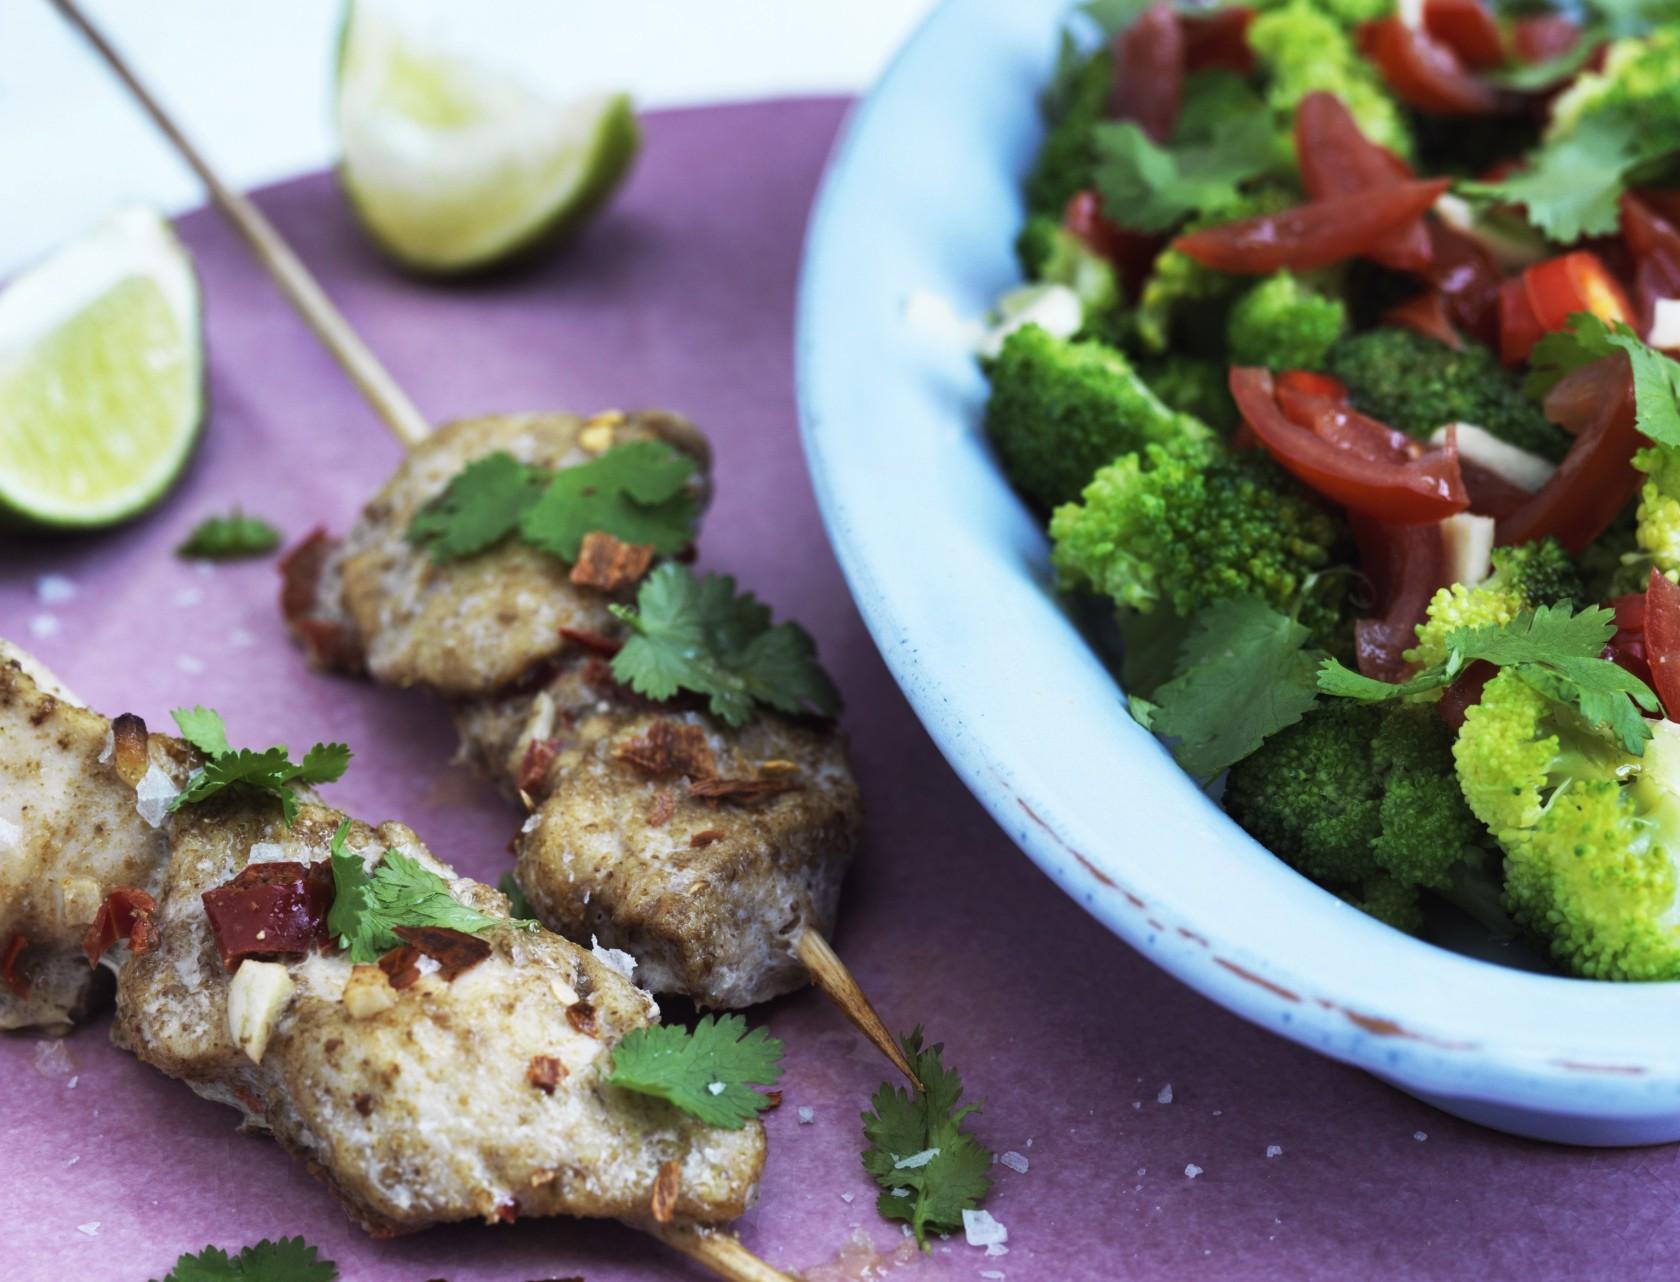 Kyllingespyd med broccolisalat - sund og mættende aftensmad,